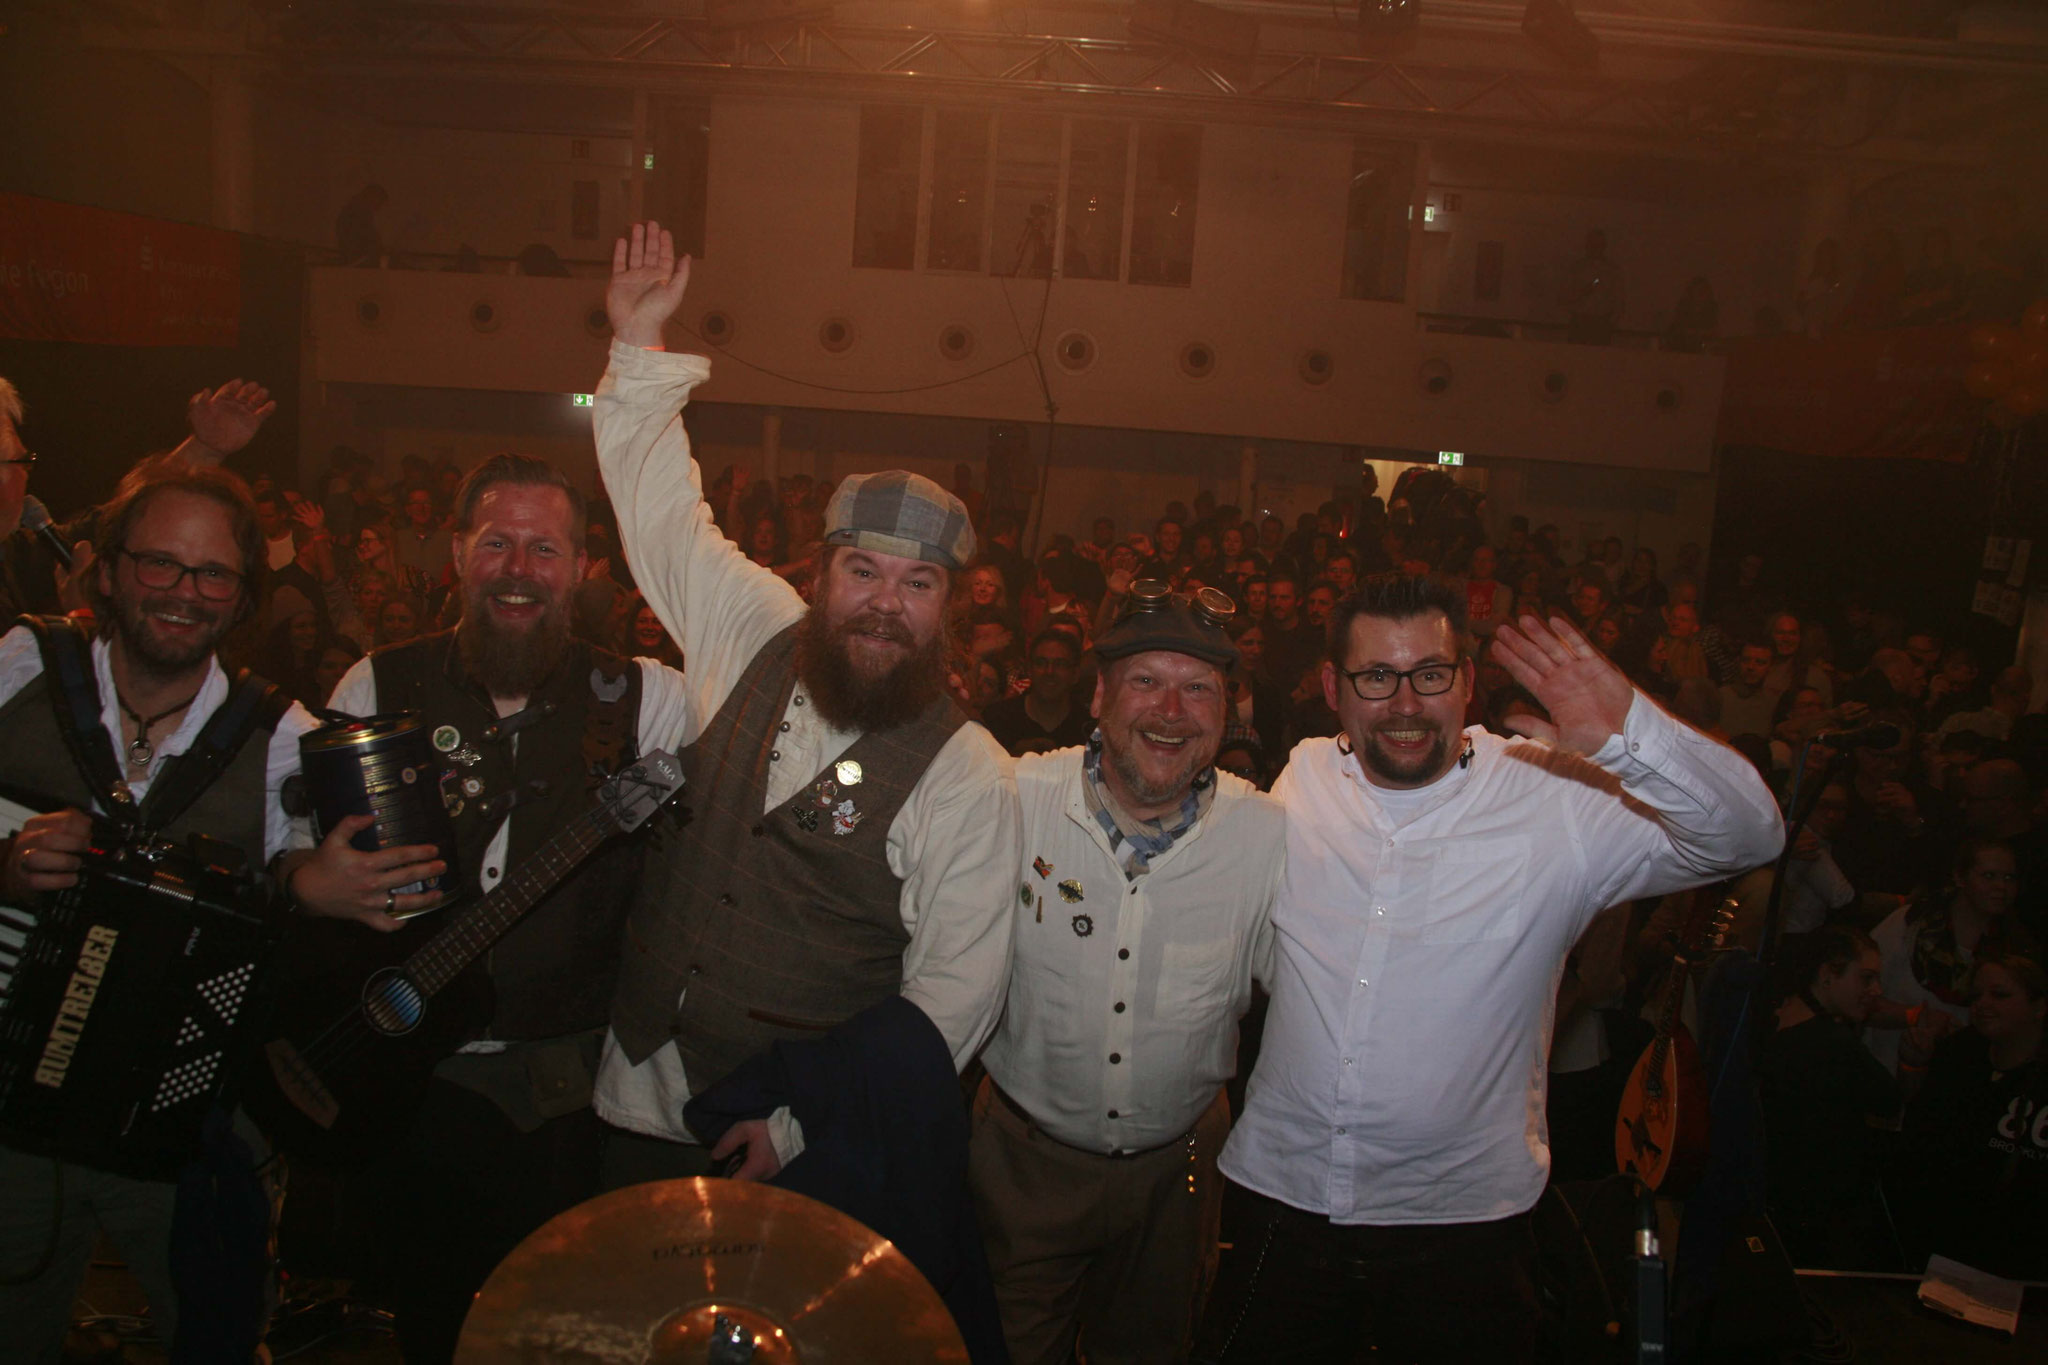 Loss mer Singe Live-Casting im Bürgerhaus Stollwerk